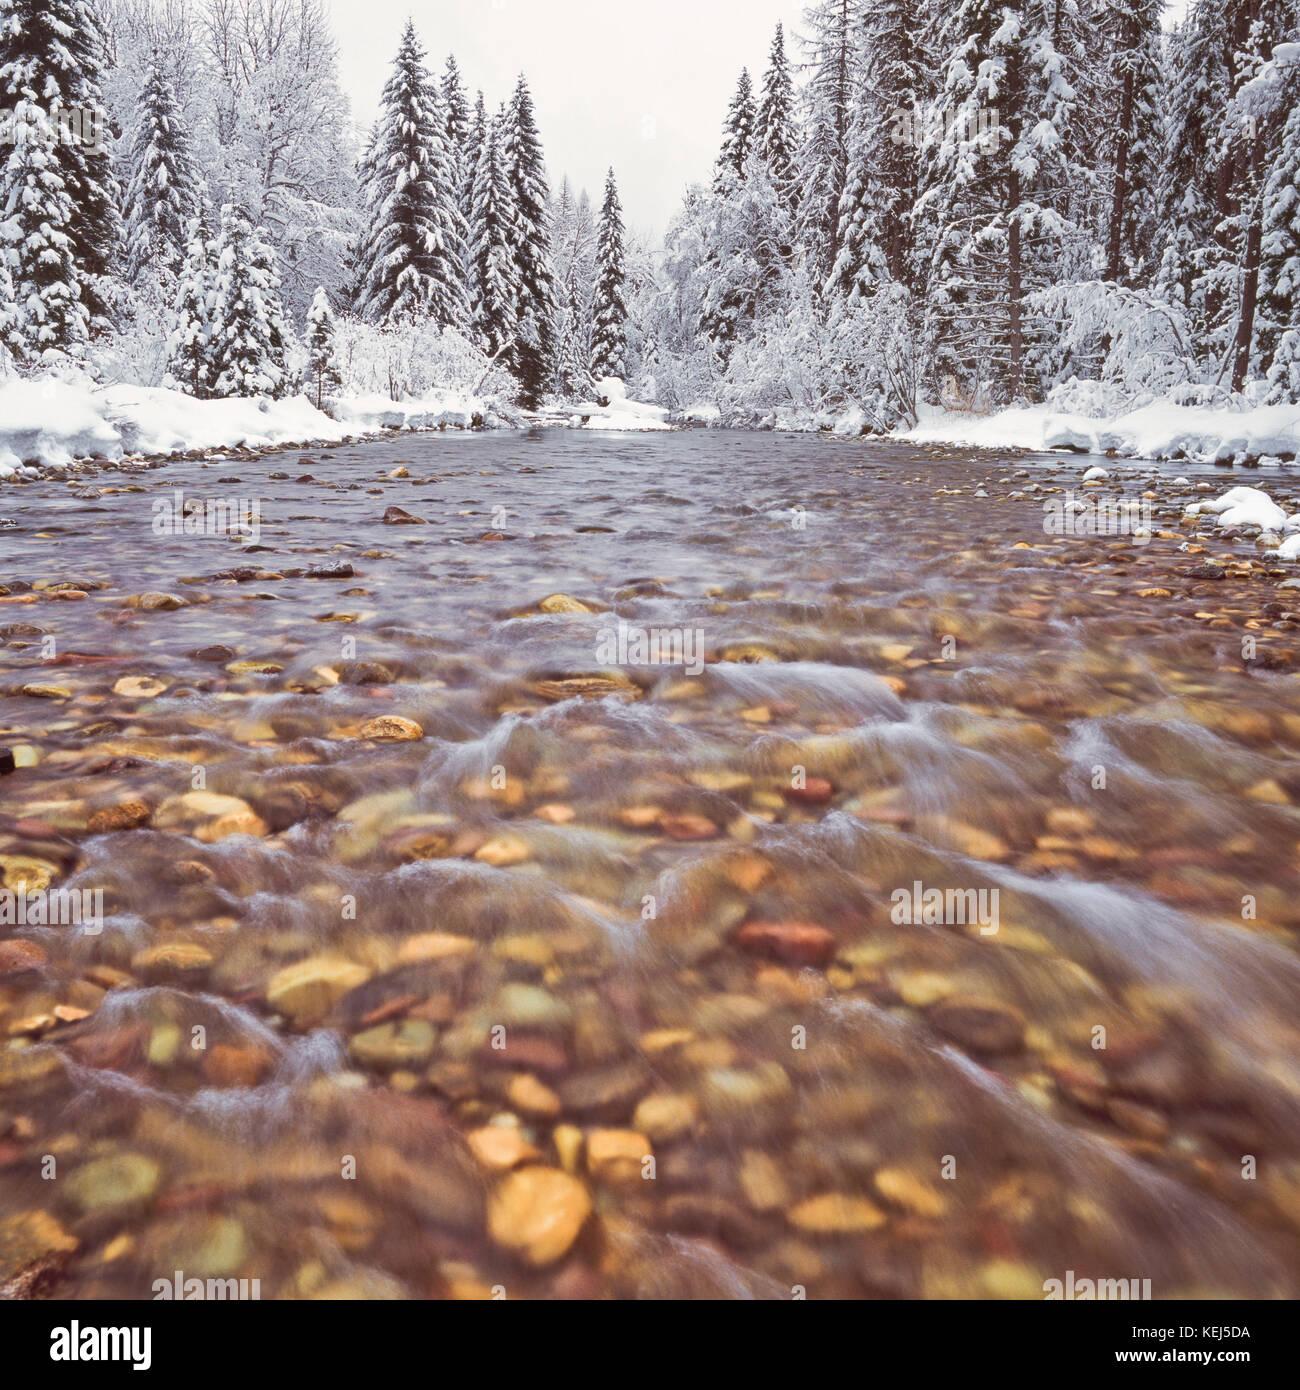 Winterschnee am lost Creek im Swan Valley in der Nähe von Schwanensee, montana Stockbild